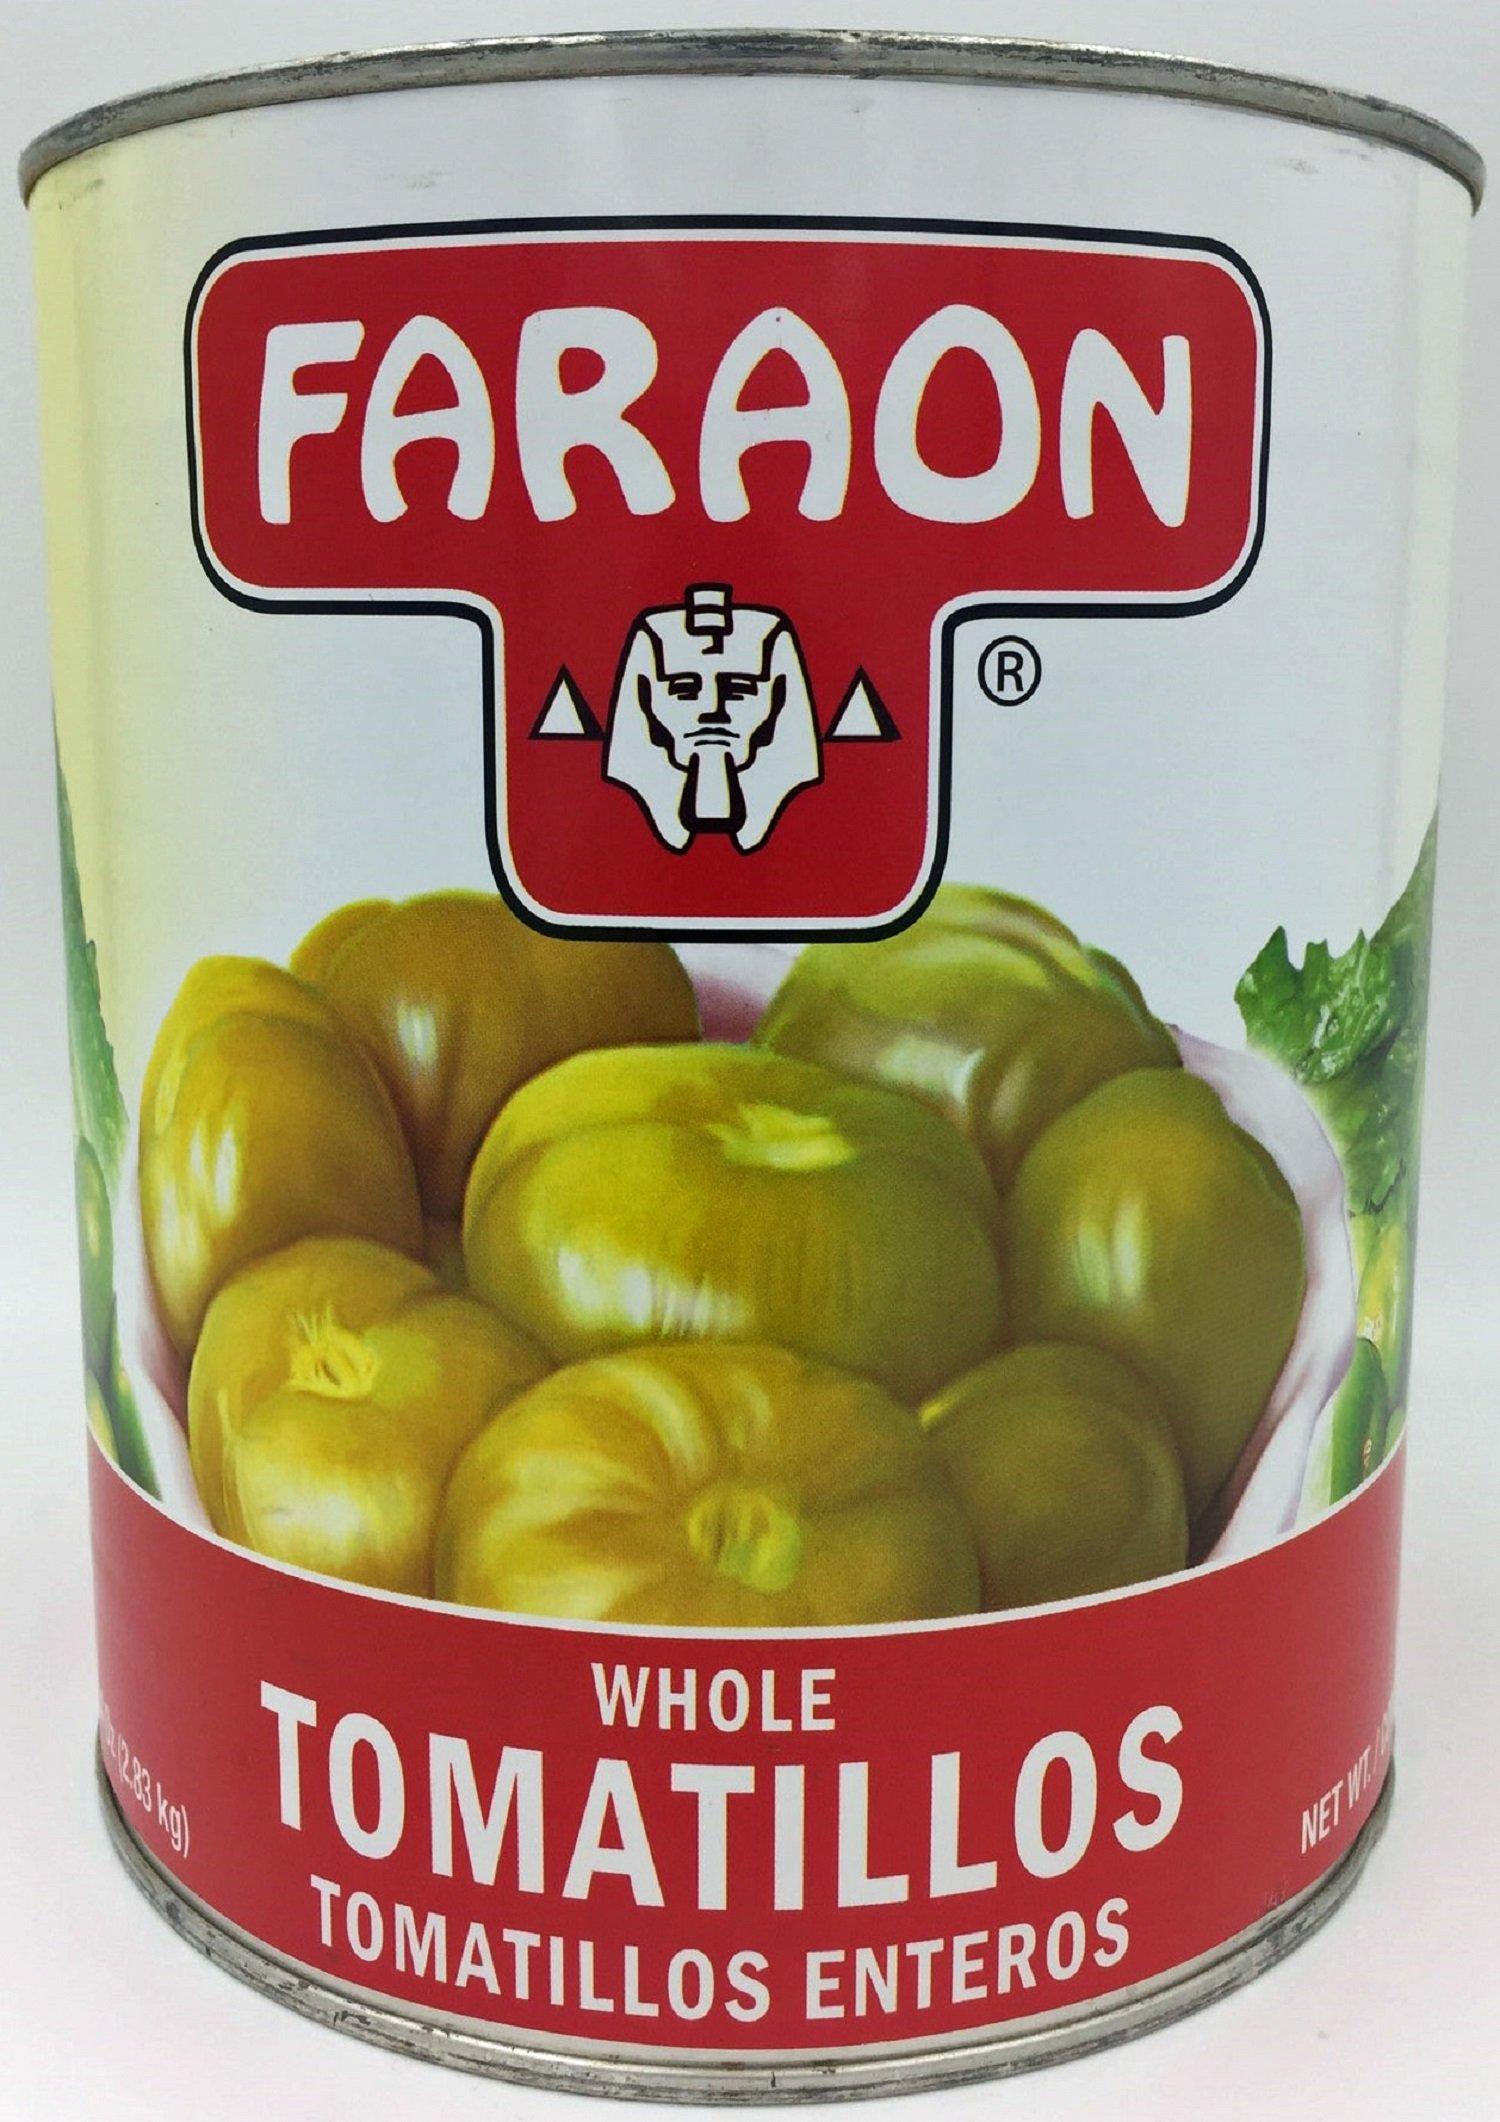 FARAON Tomatillo Whole, 105 Ounce (Pack of 6)